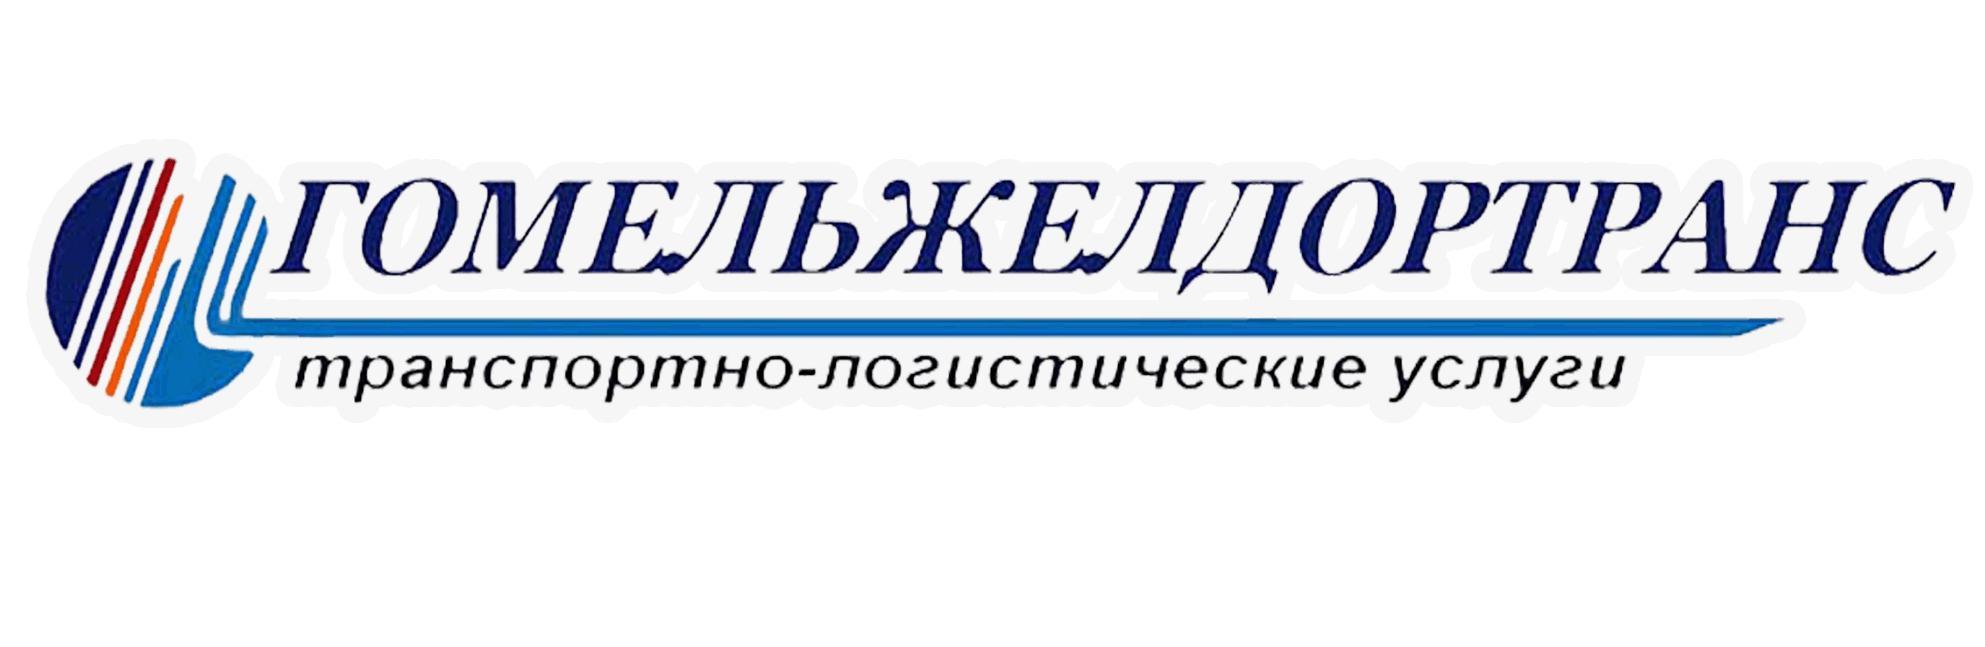 ТЭРДУП «ГОМЕЛЬЖЕЛДОРТРАНС»